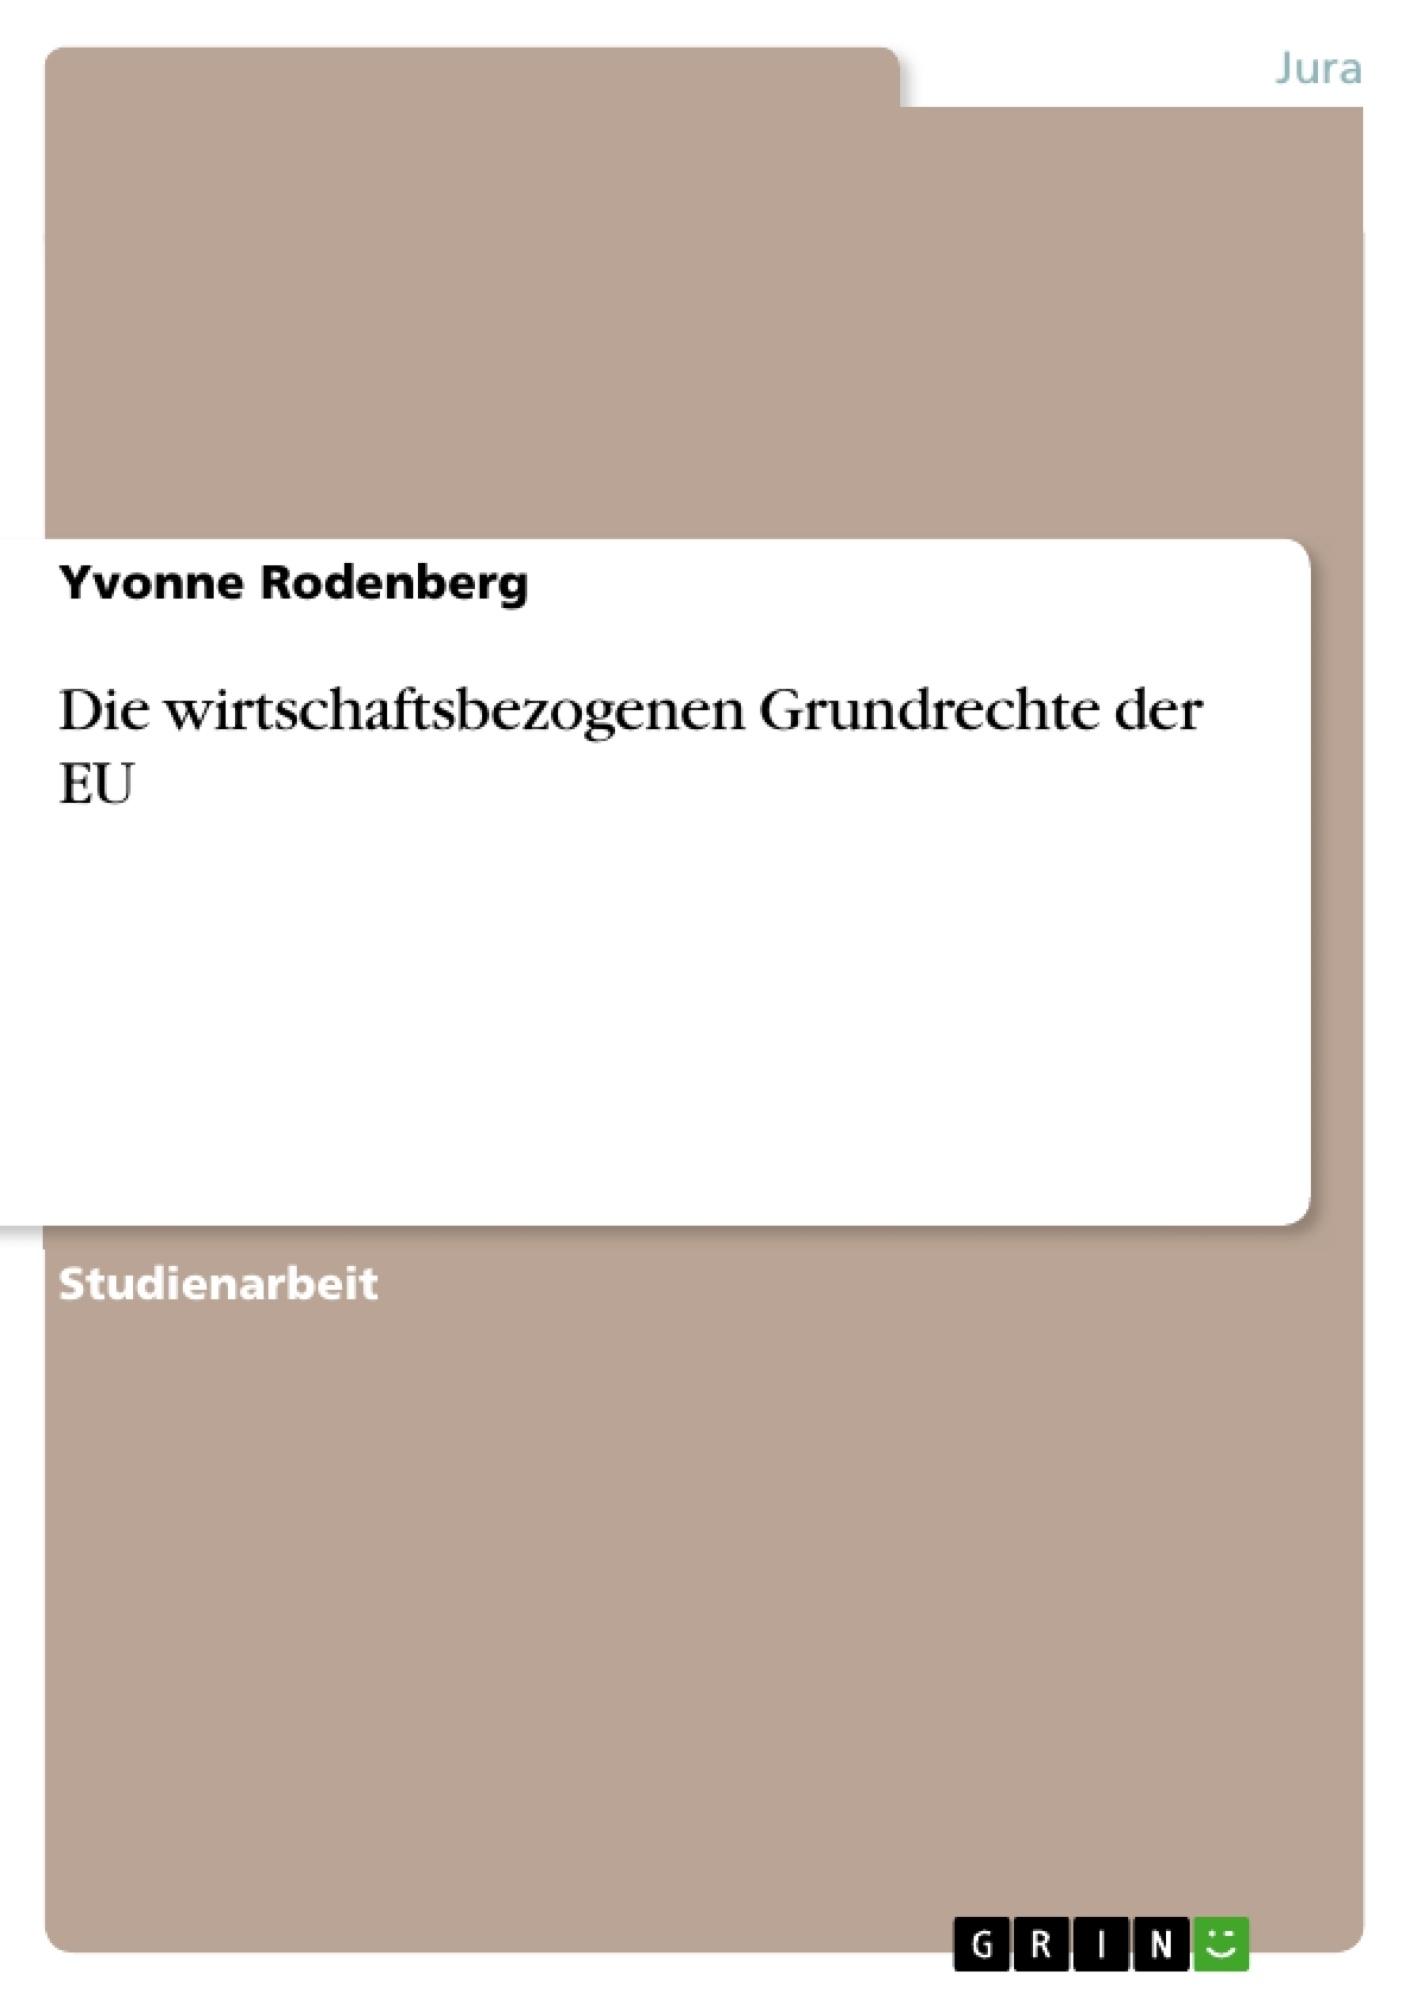 Titel: Die wirtschaftsbezogenen Grundrechte der EU